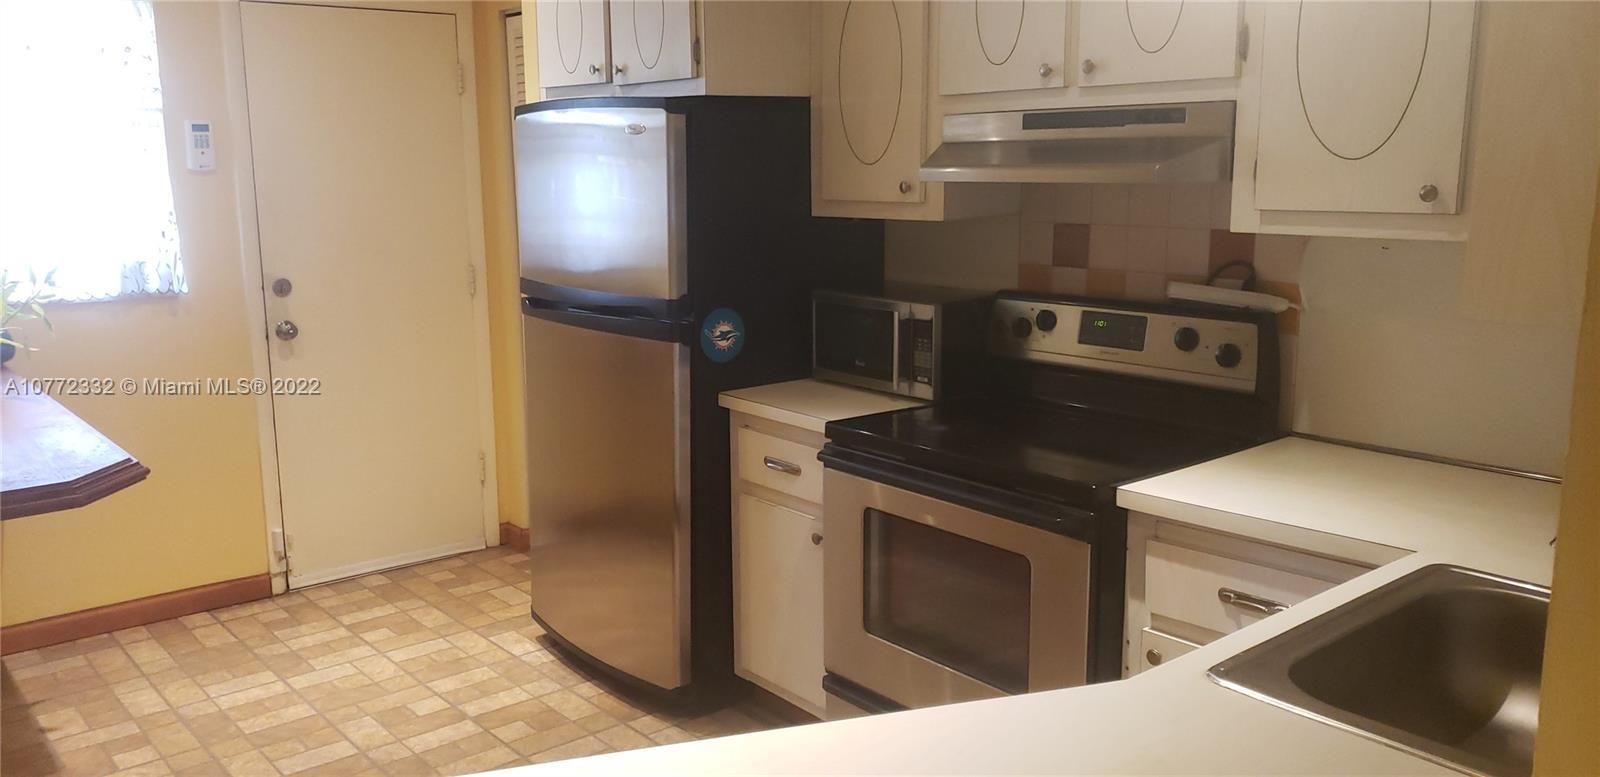 1670 NE 191st St #106-3 For Sale A10772332, FL